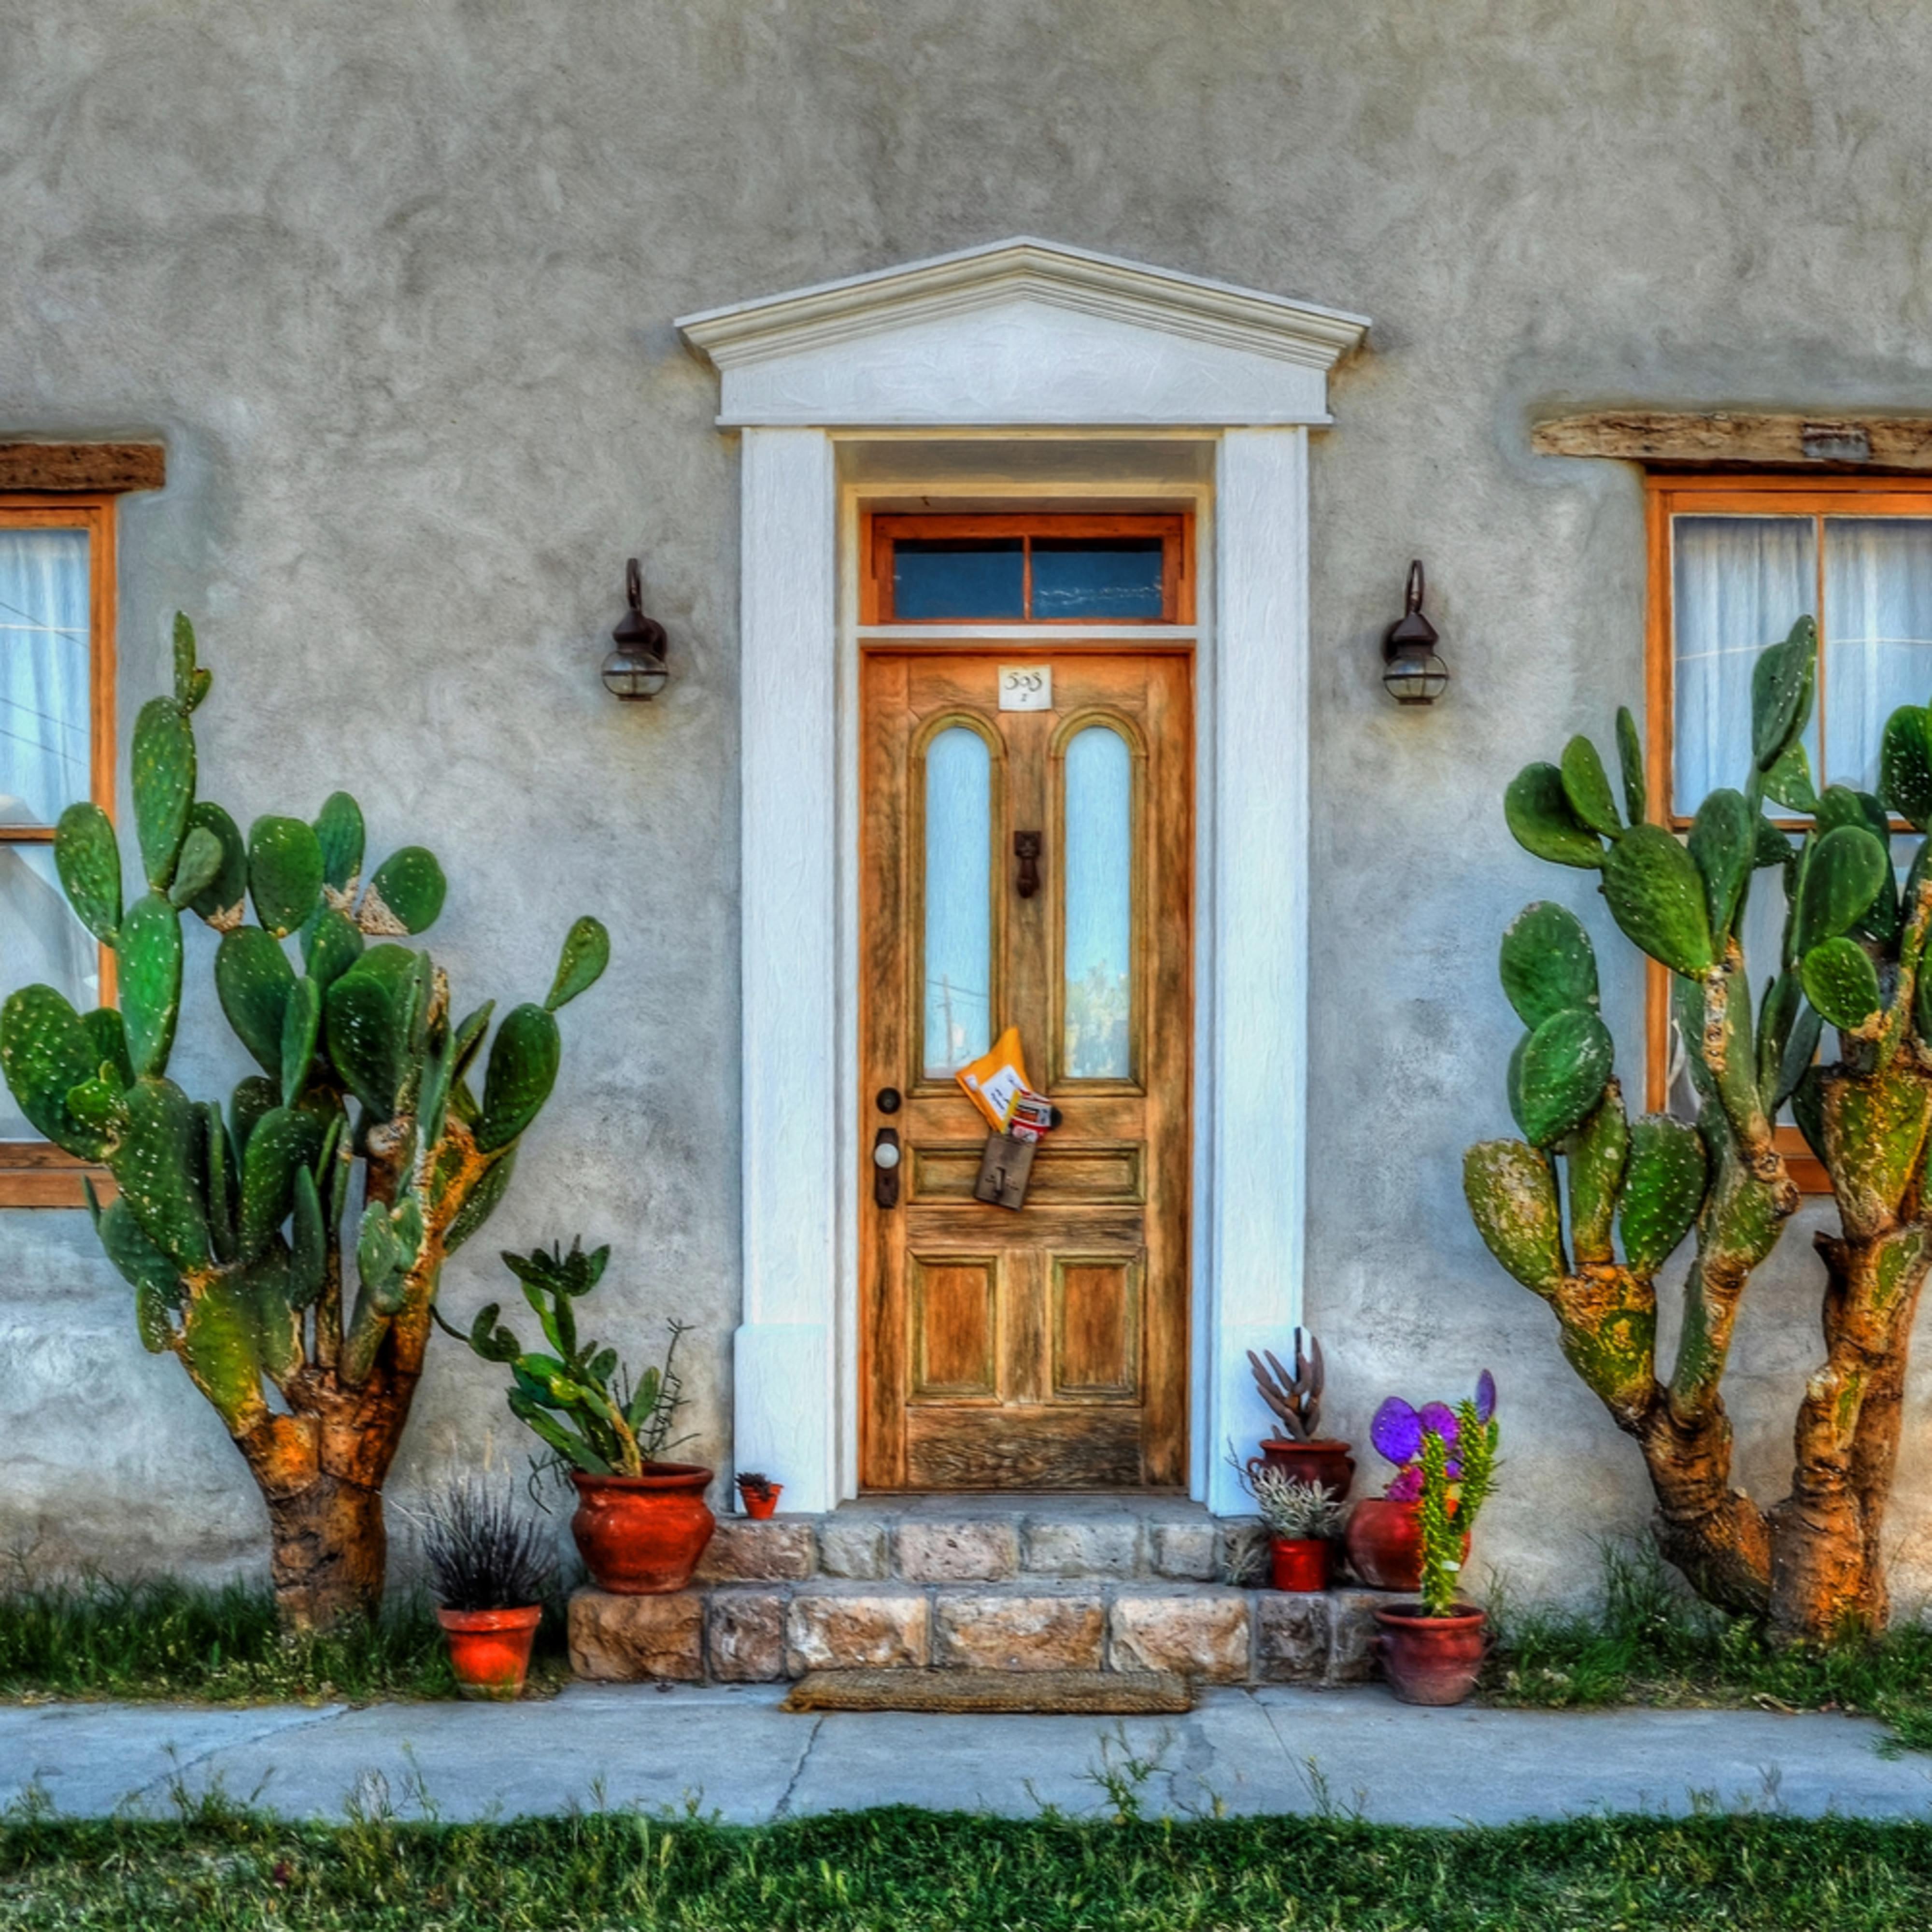 Cactus guards qraw7y